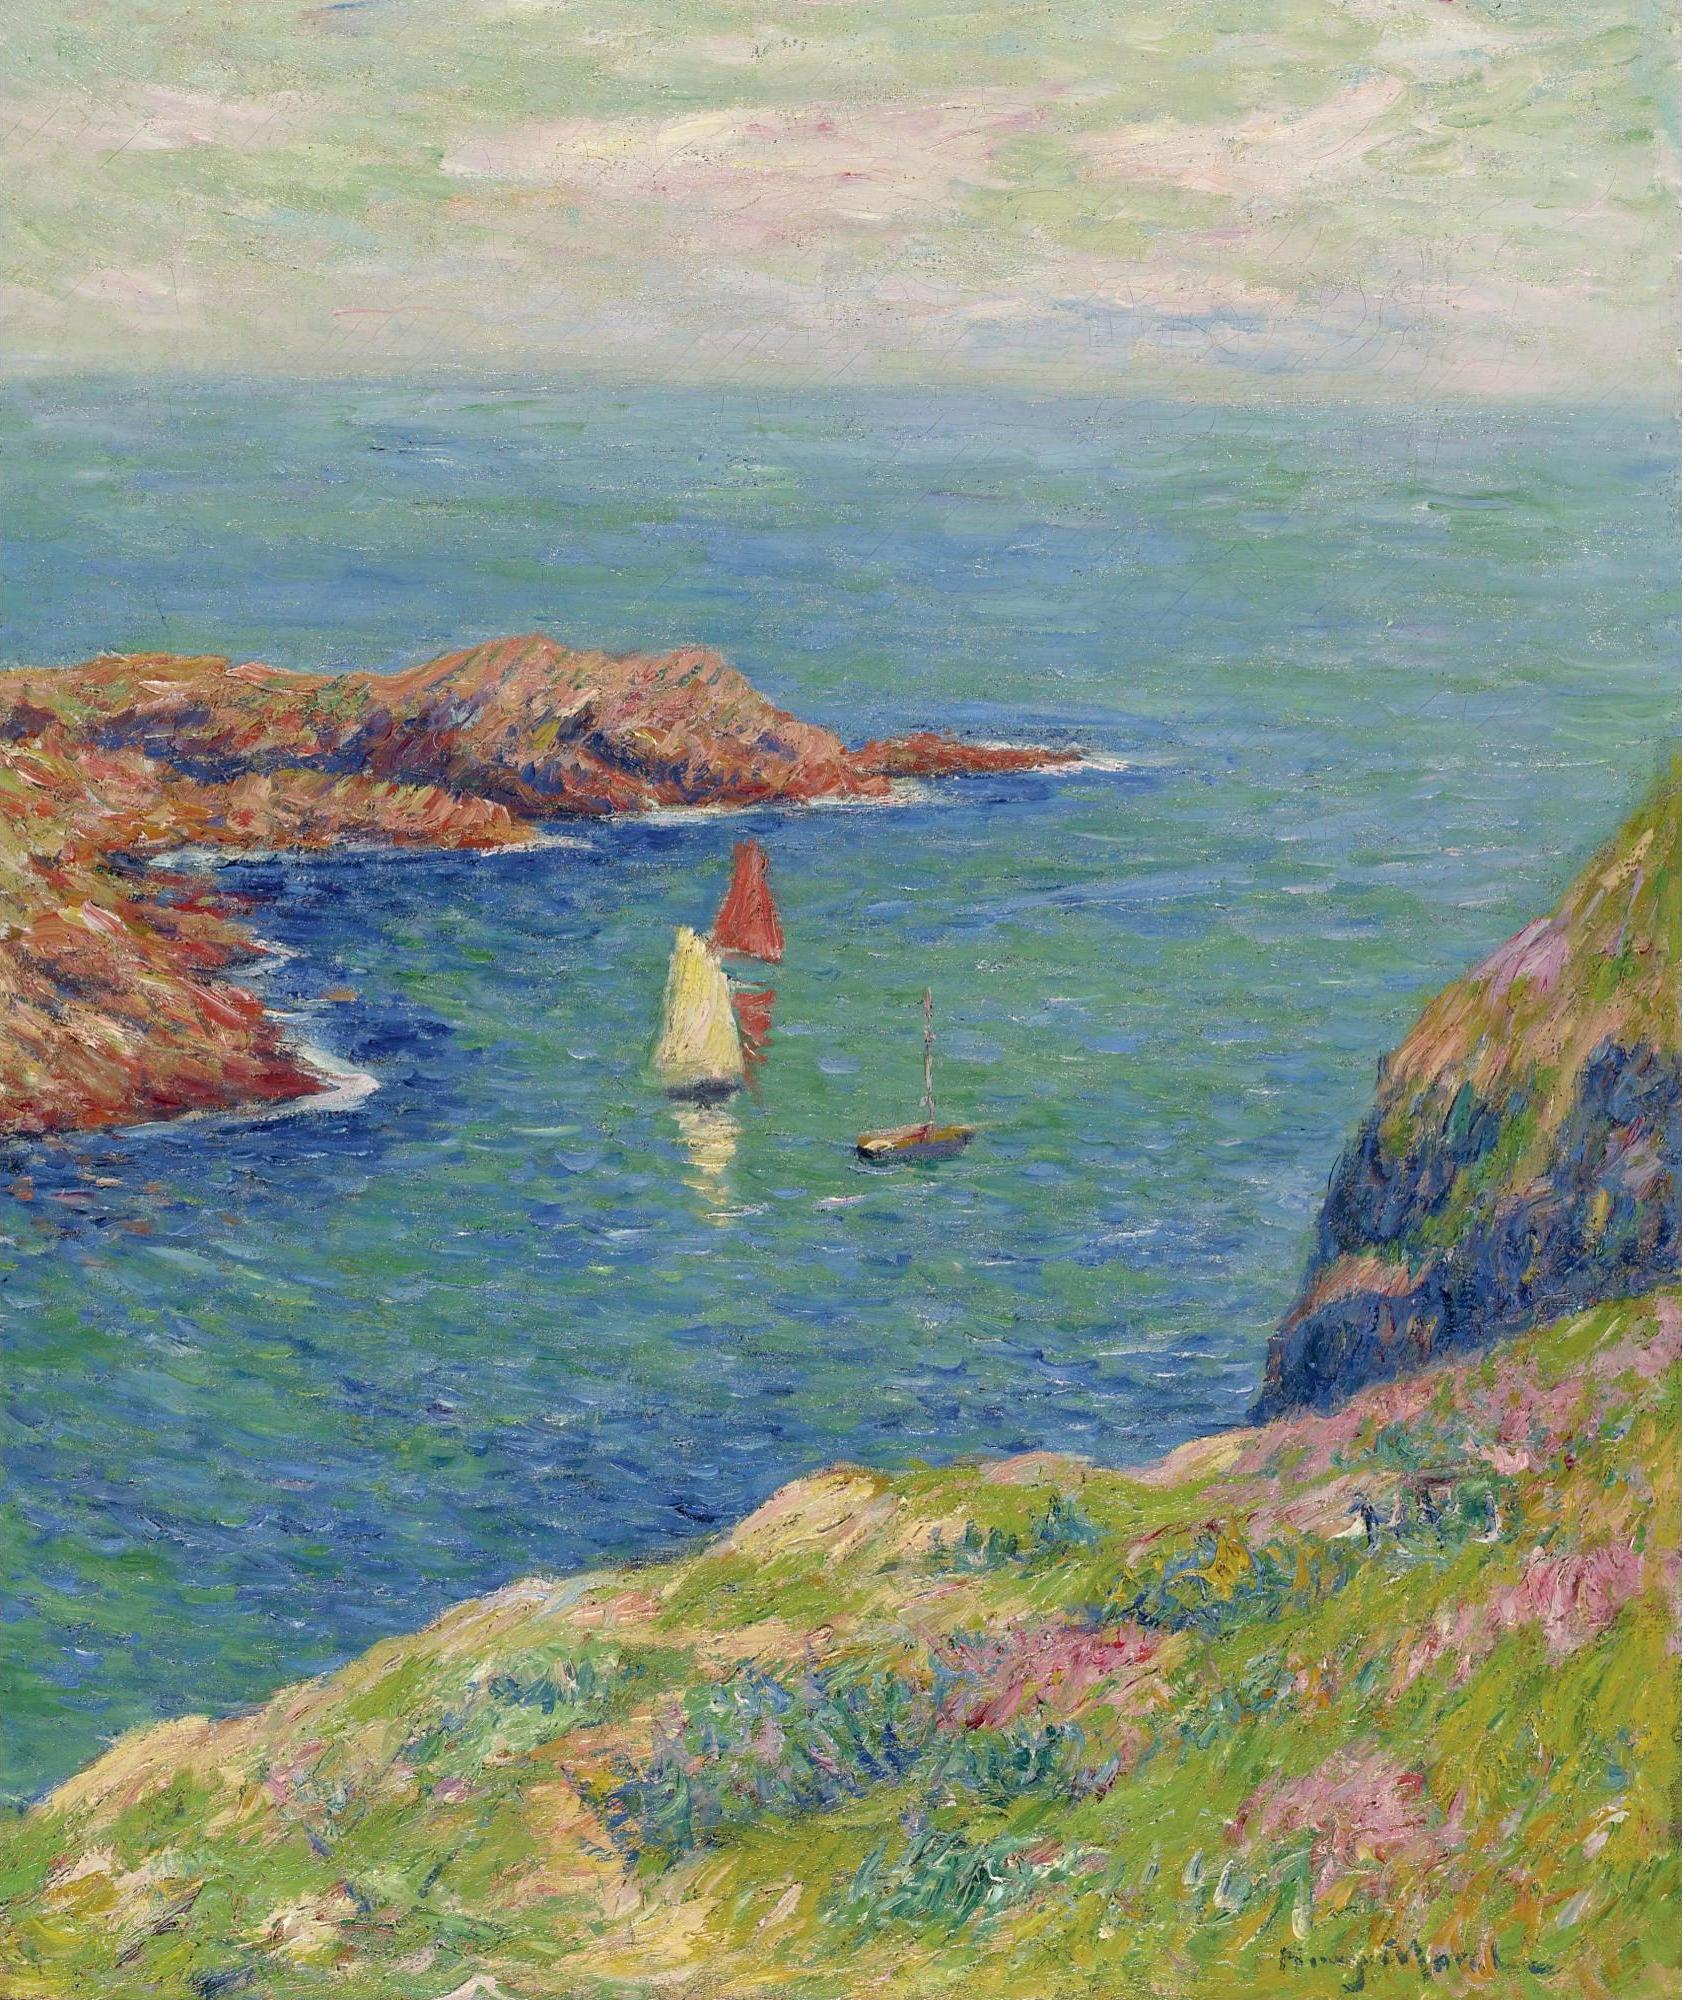 Impressionist / Neoimpressionist Art-Sotheby`s Auction Lots часть №2. (528  работ) (1 часть) » Страница 7 » Картины, художники, фотографы на Nevsepic